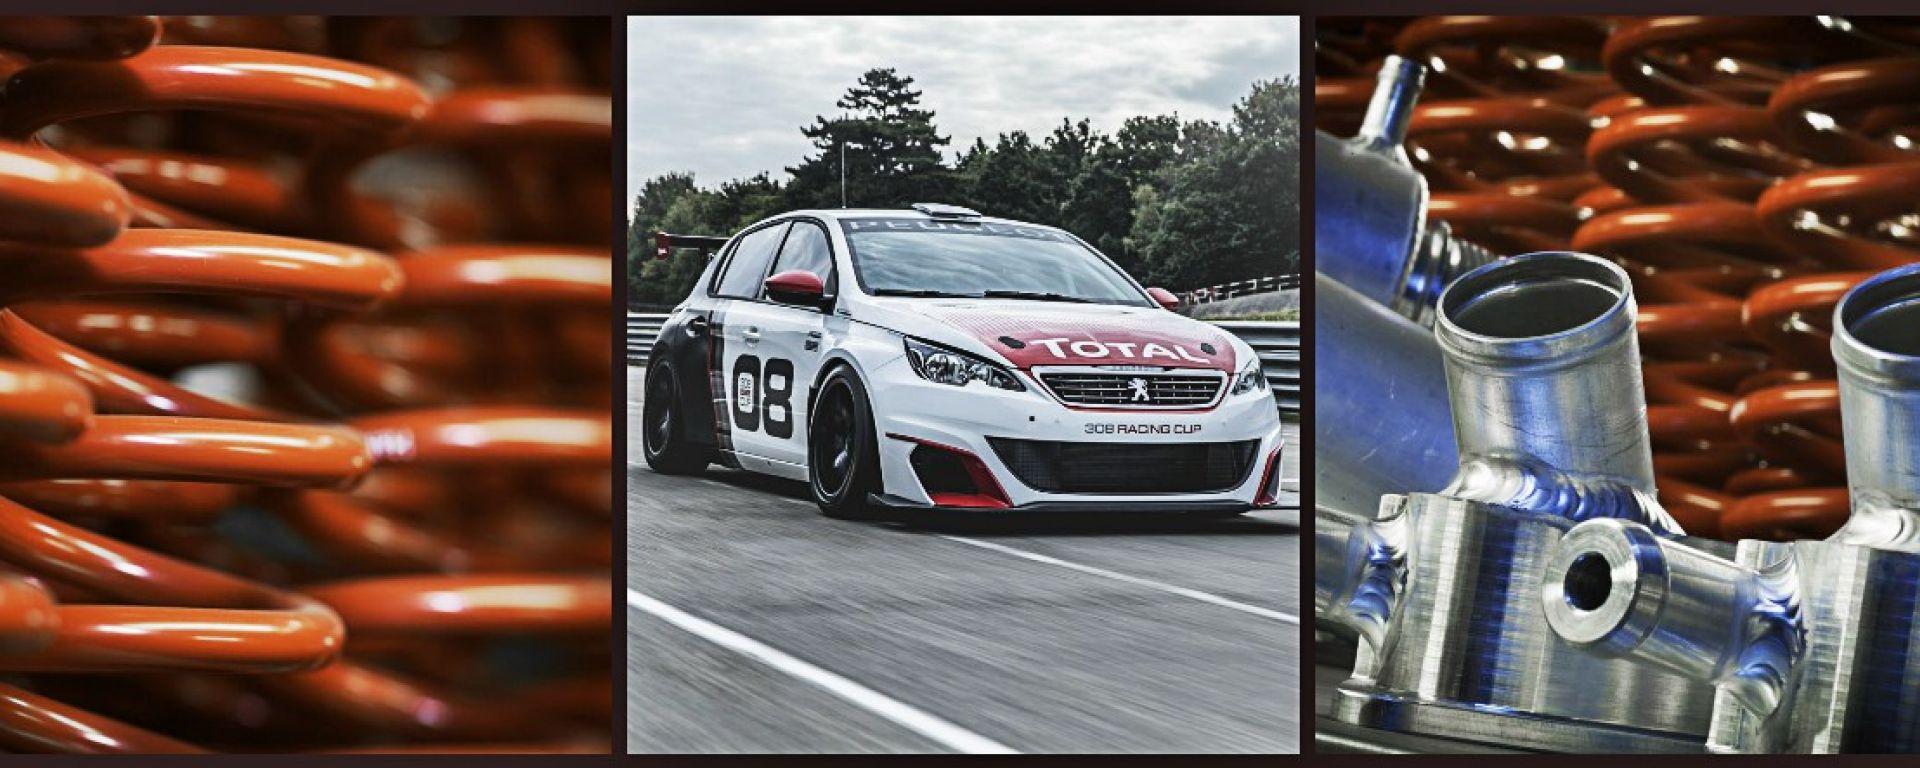 Peugeot Citroen Racing Shop: tutto per il cliente sportivo